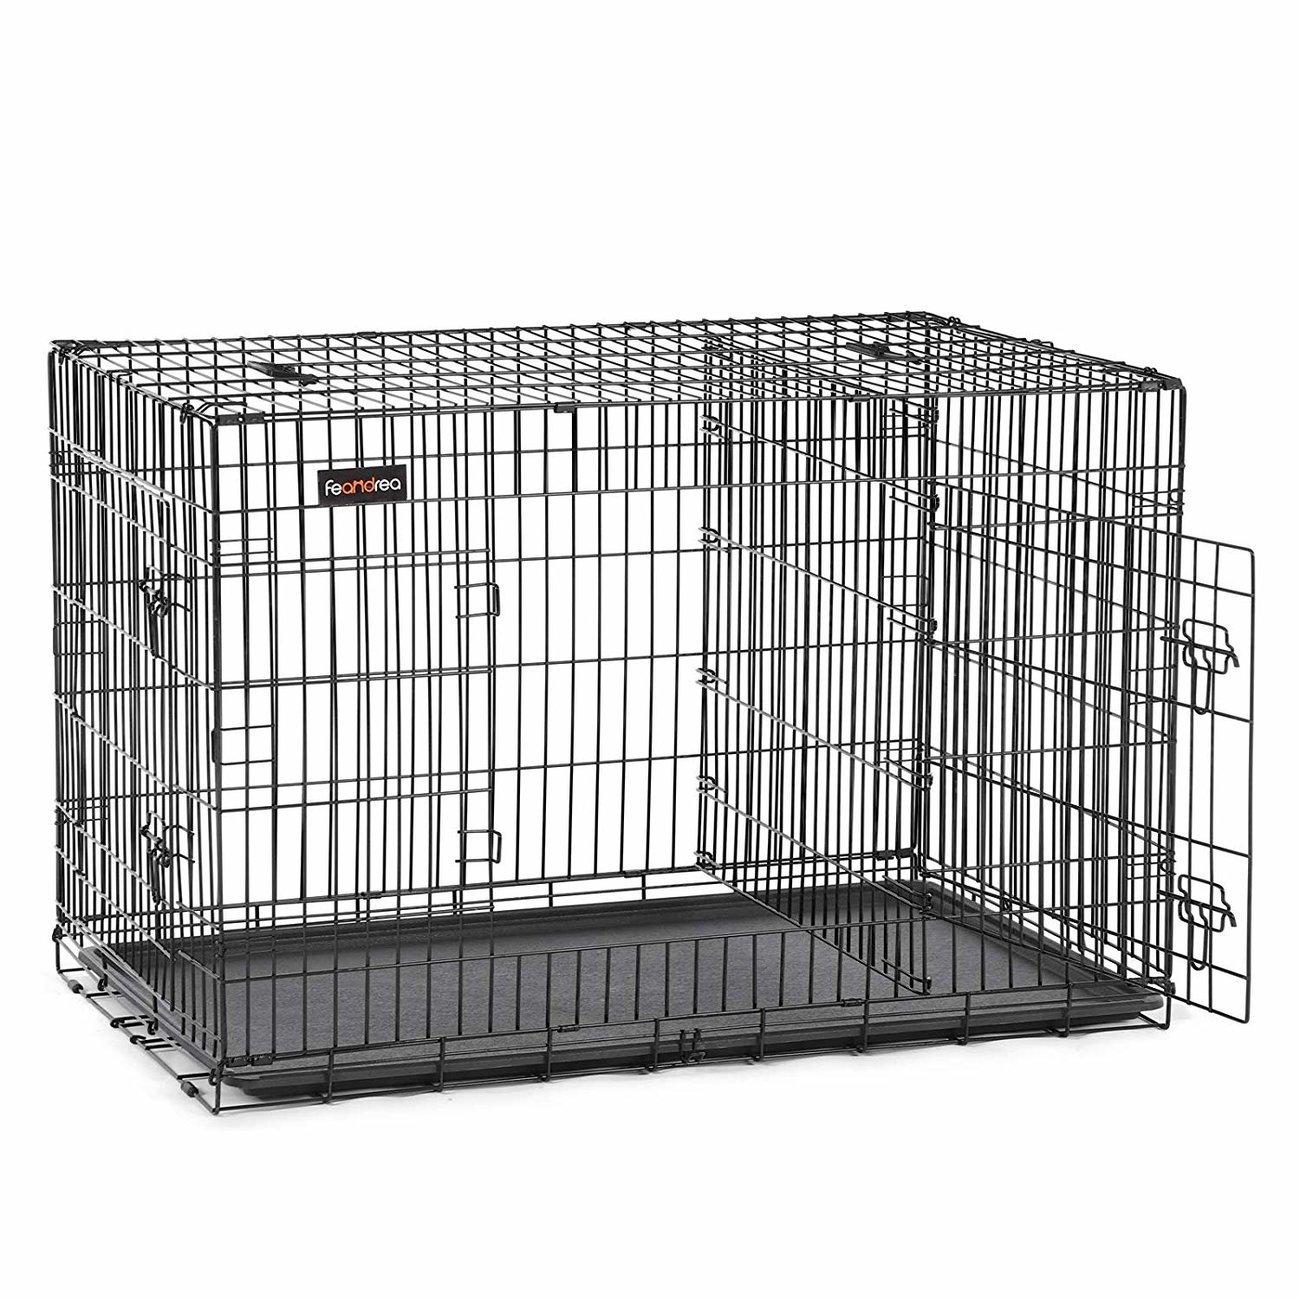 FEANDREA Hundekäfig, Hundebox mit Trennwand, 2 Türen, Bild 12